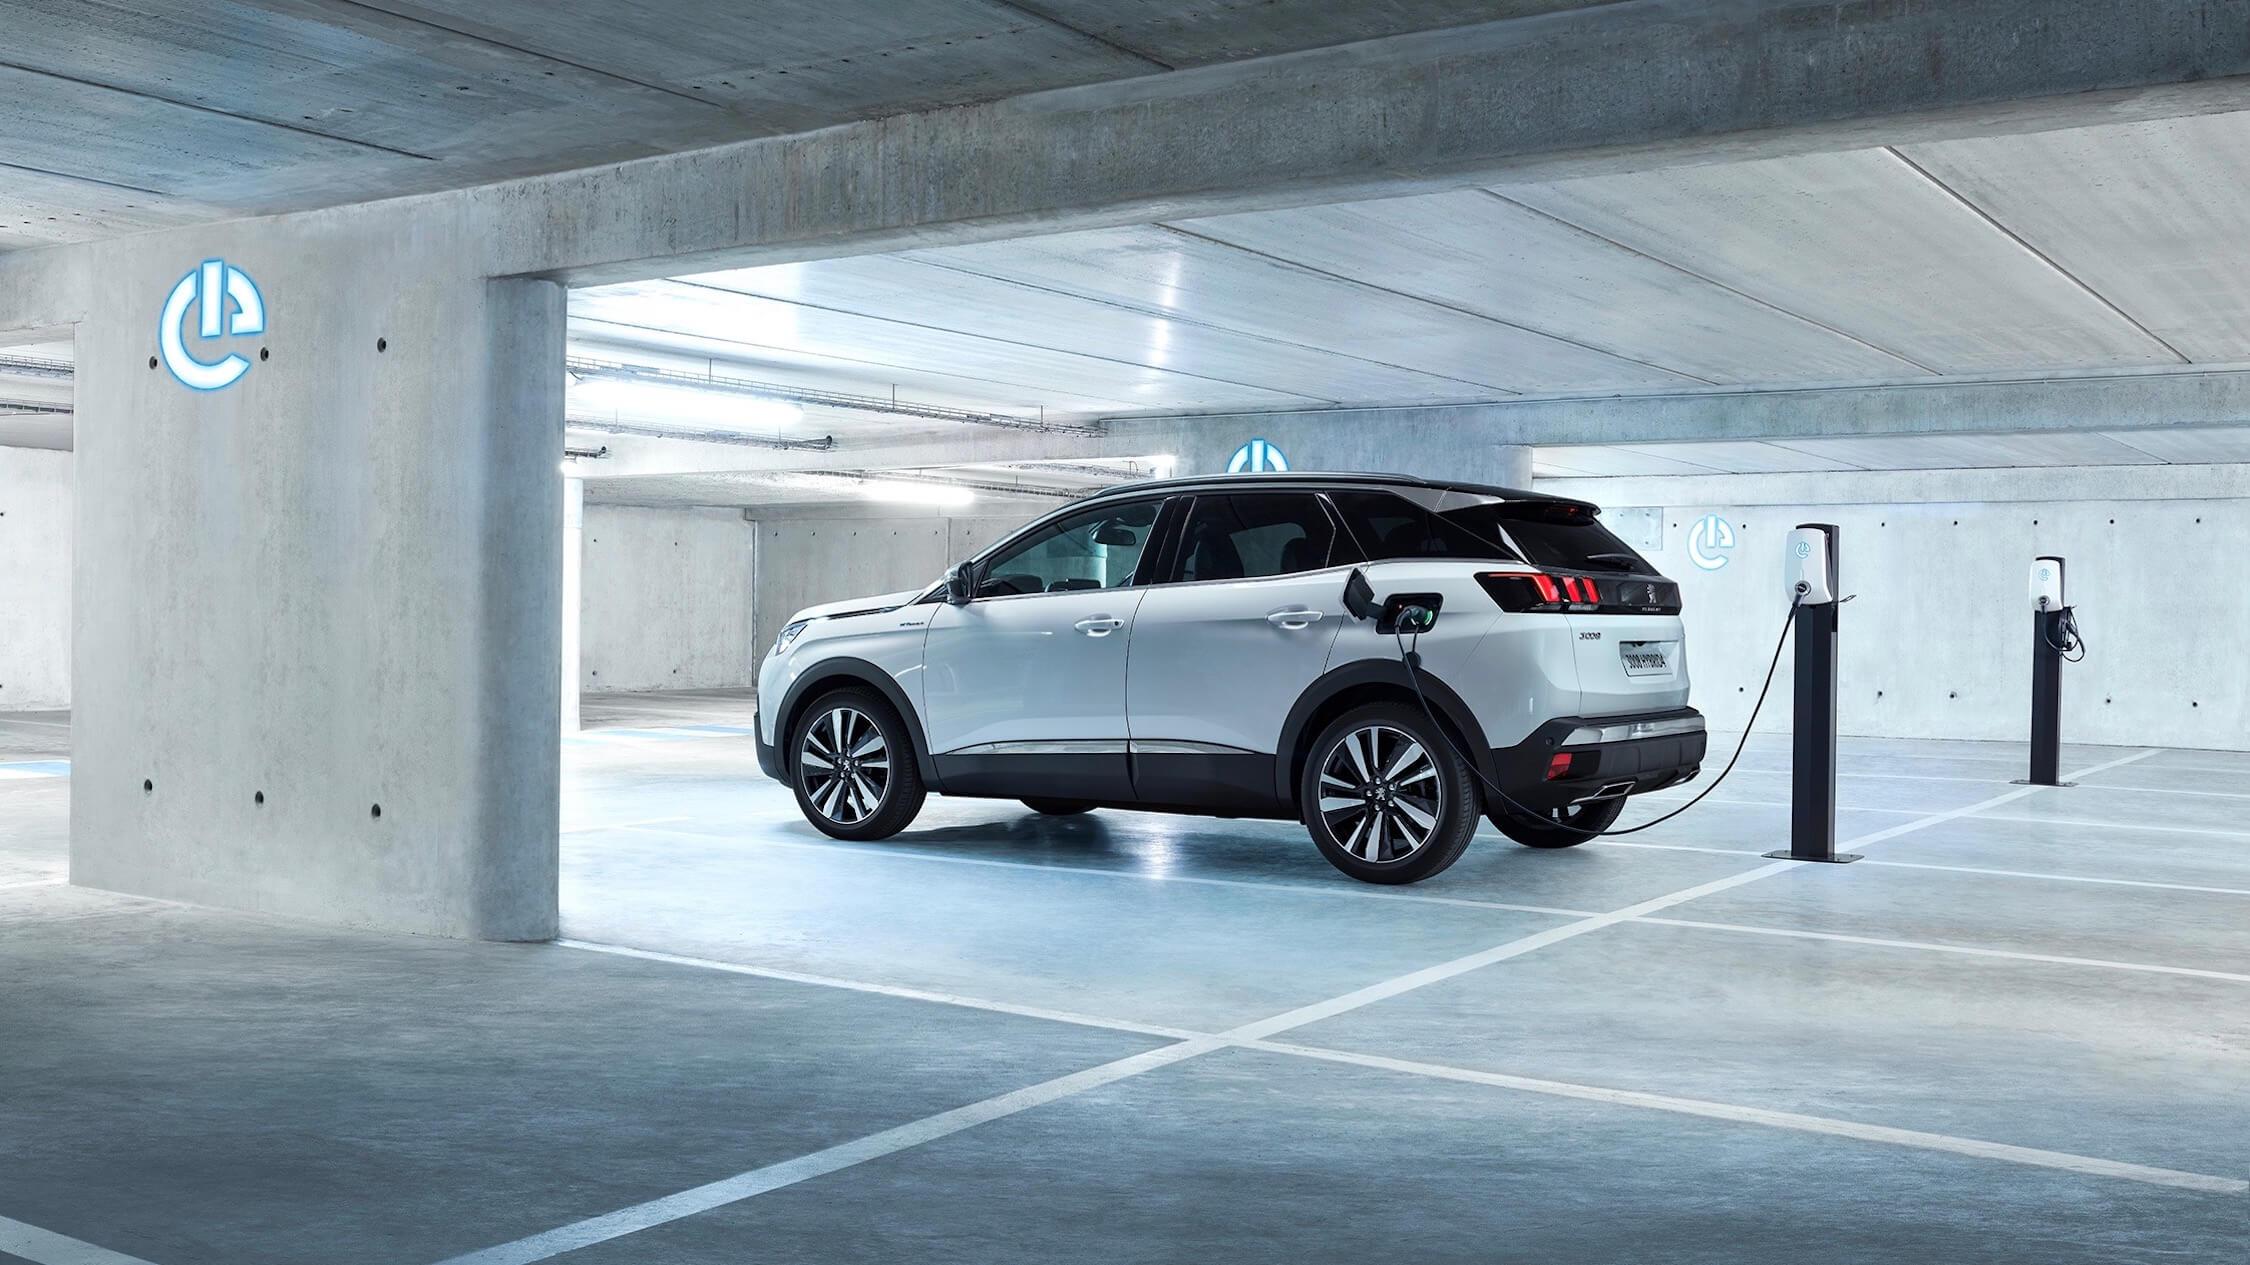 Hybride Peugeot 3008 opladen